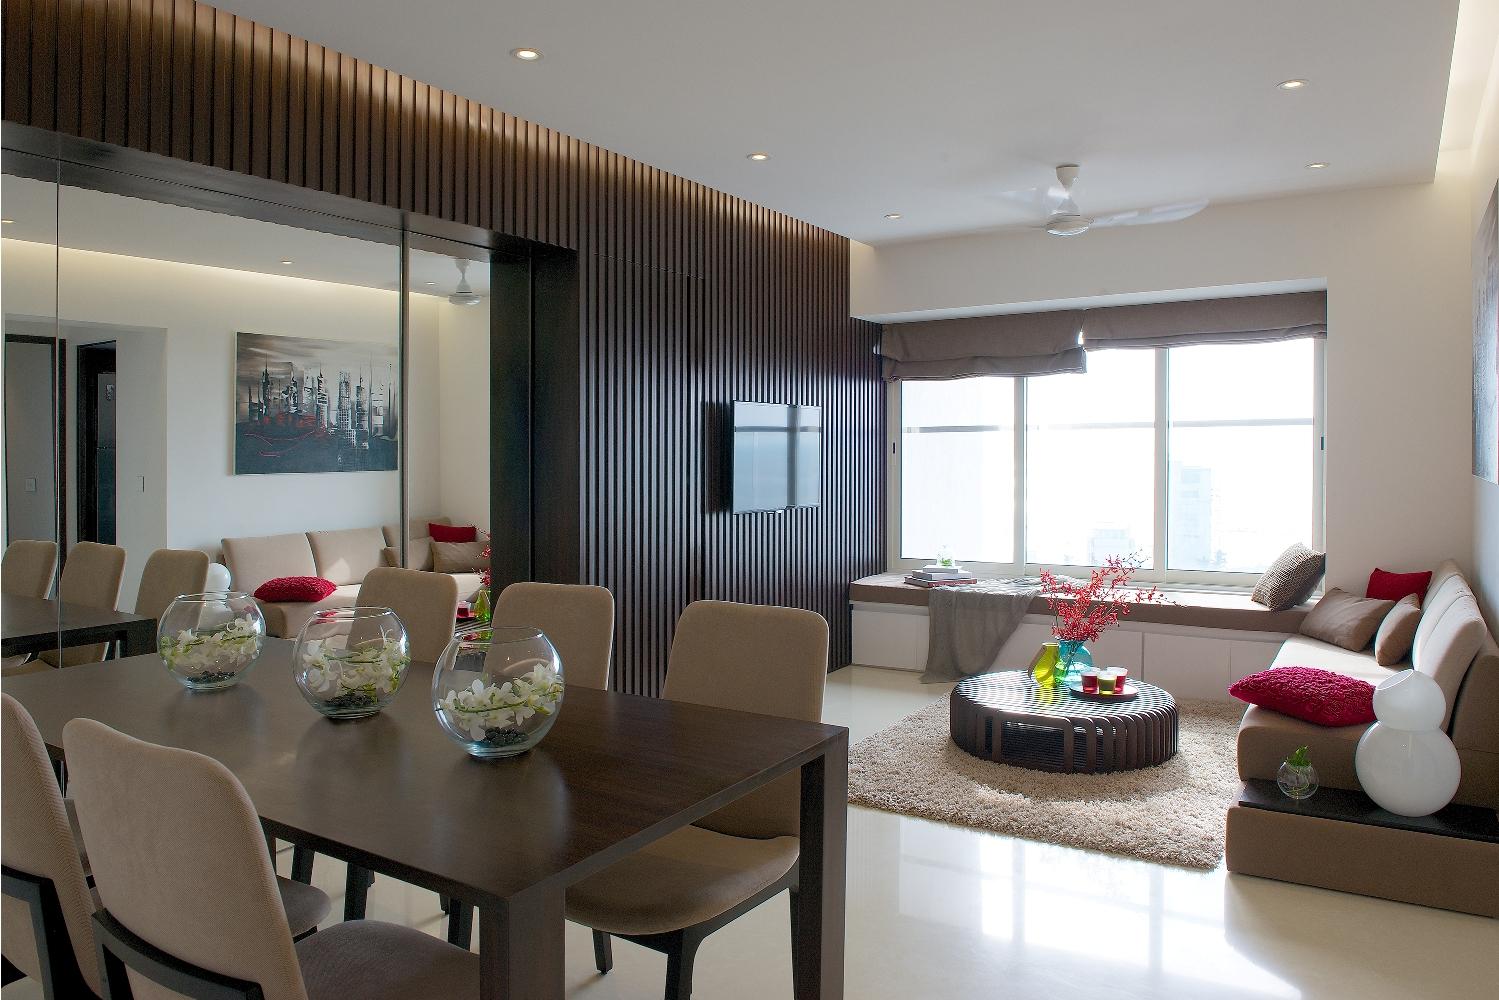 Desain Interior Ruang Keluarga Dan Makan Minimalis Yang Menyatu